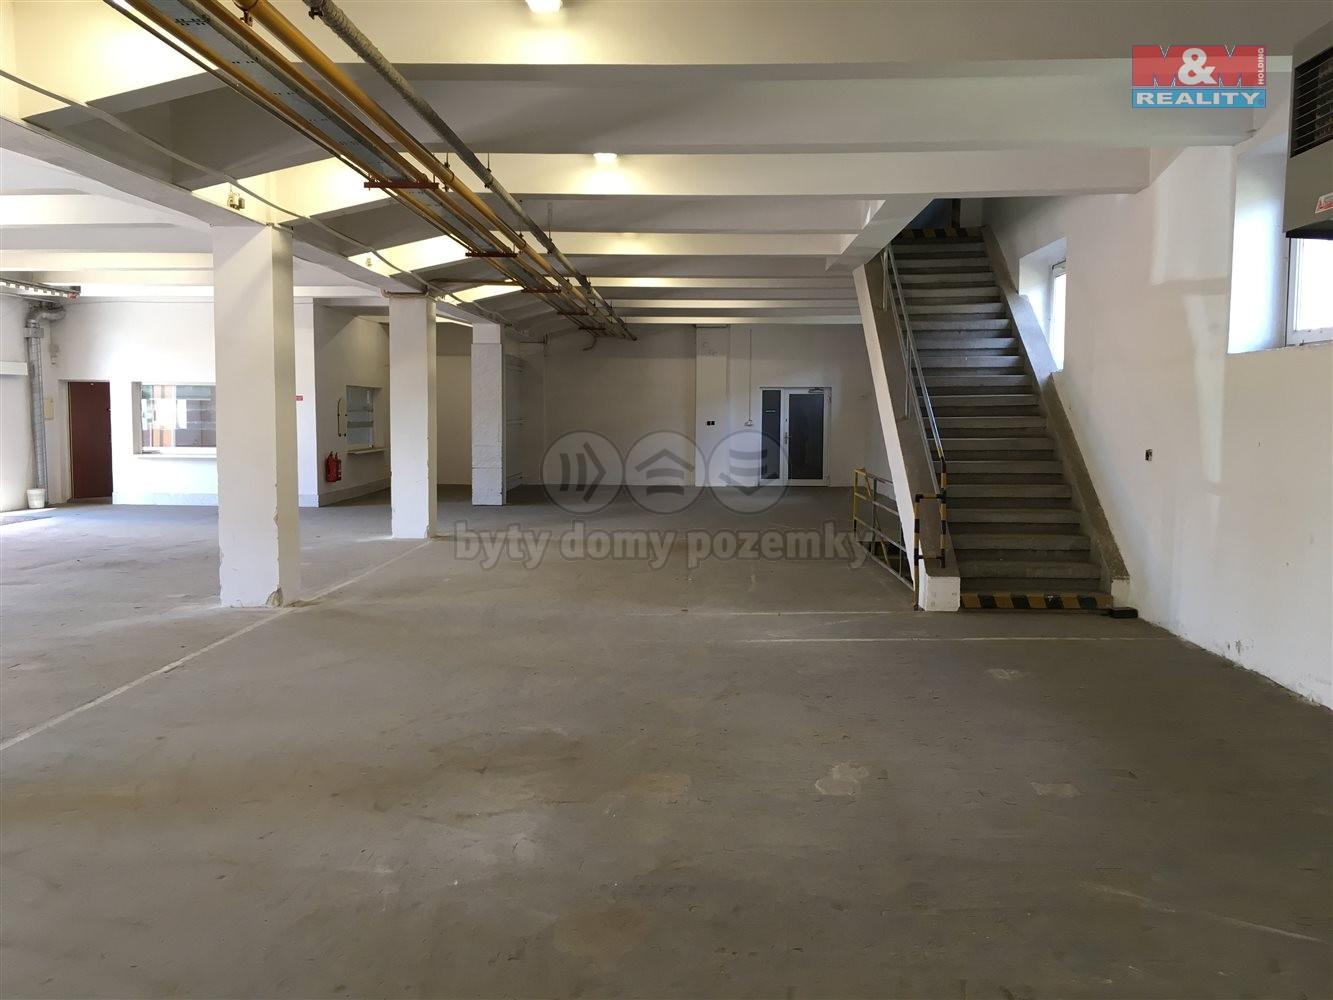 Pronájem, skladové prostory 1451 m2, Horní Heršpice